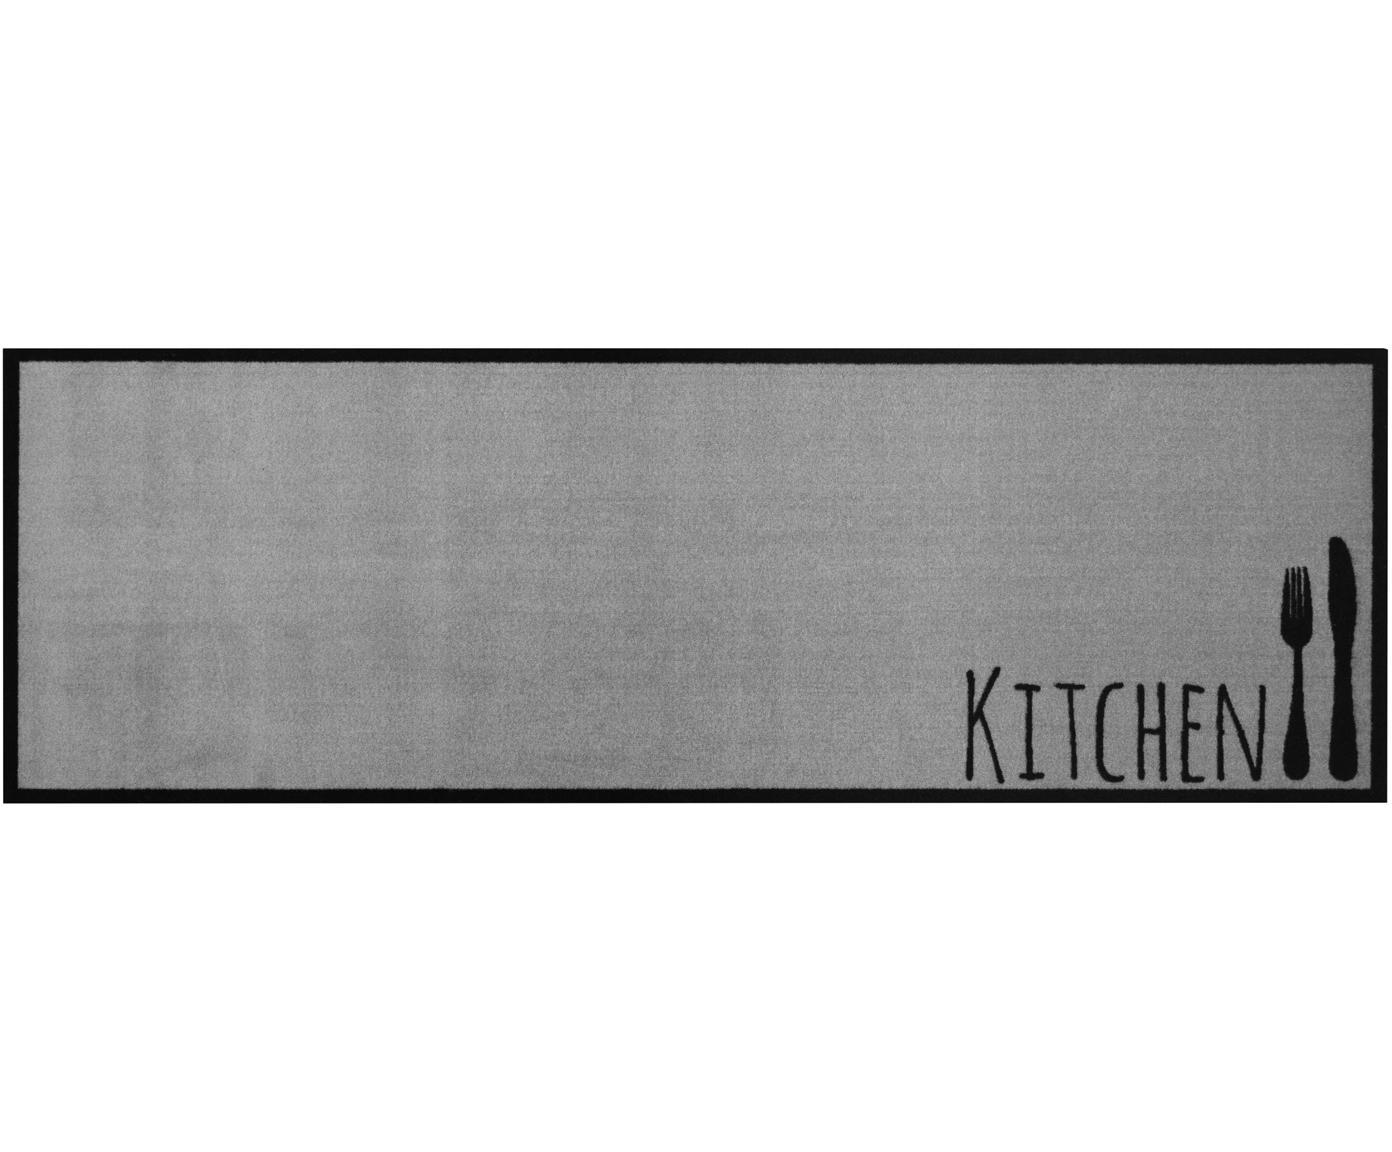 Passatoia da cucina lavabile Kitchen Cultery, antiscivolo, Grigio, nero, Larg. 50 x Lung. 150 cm